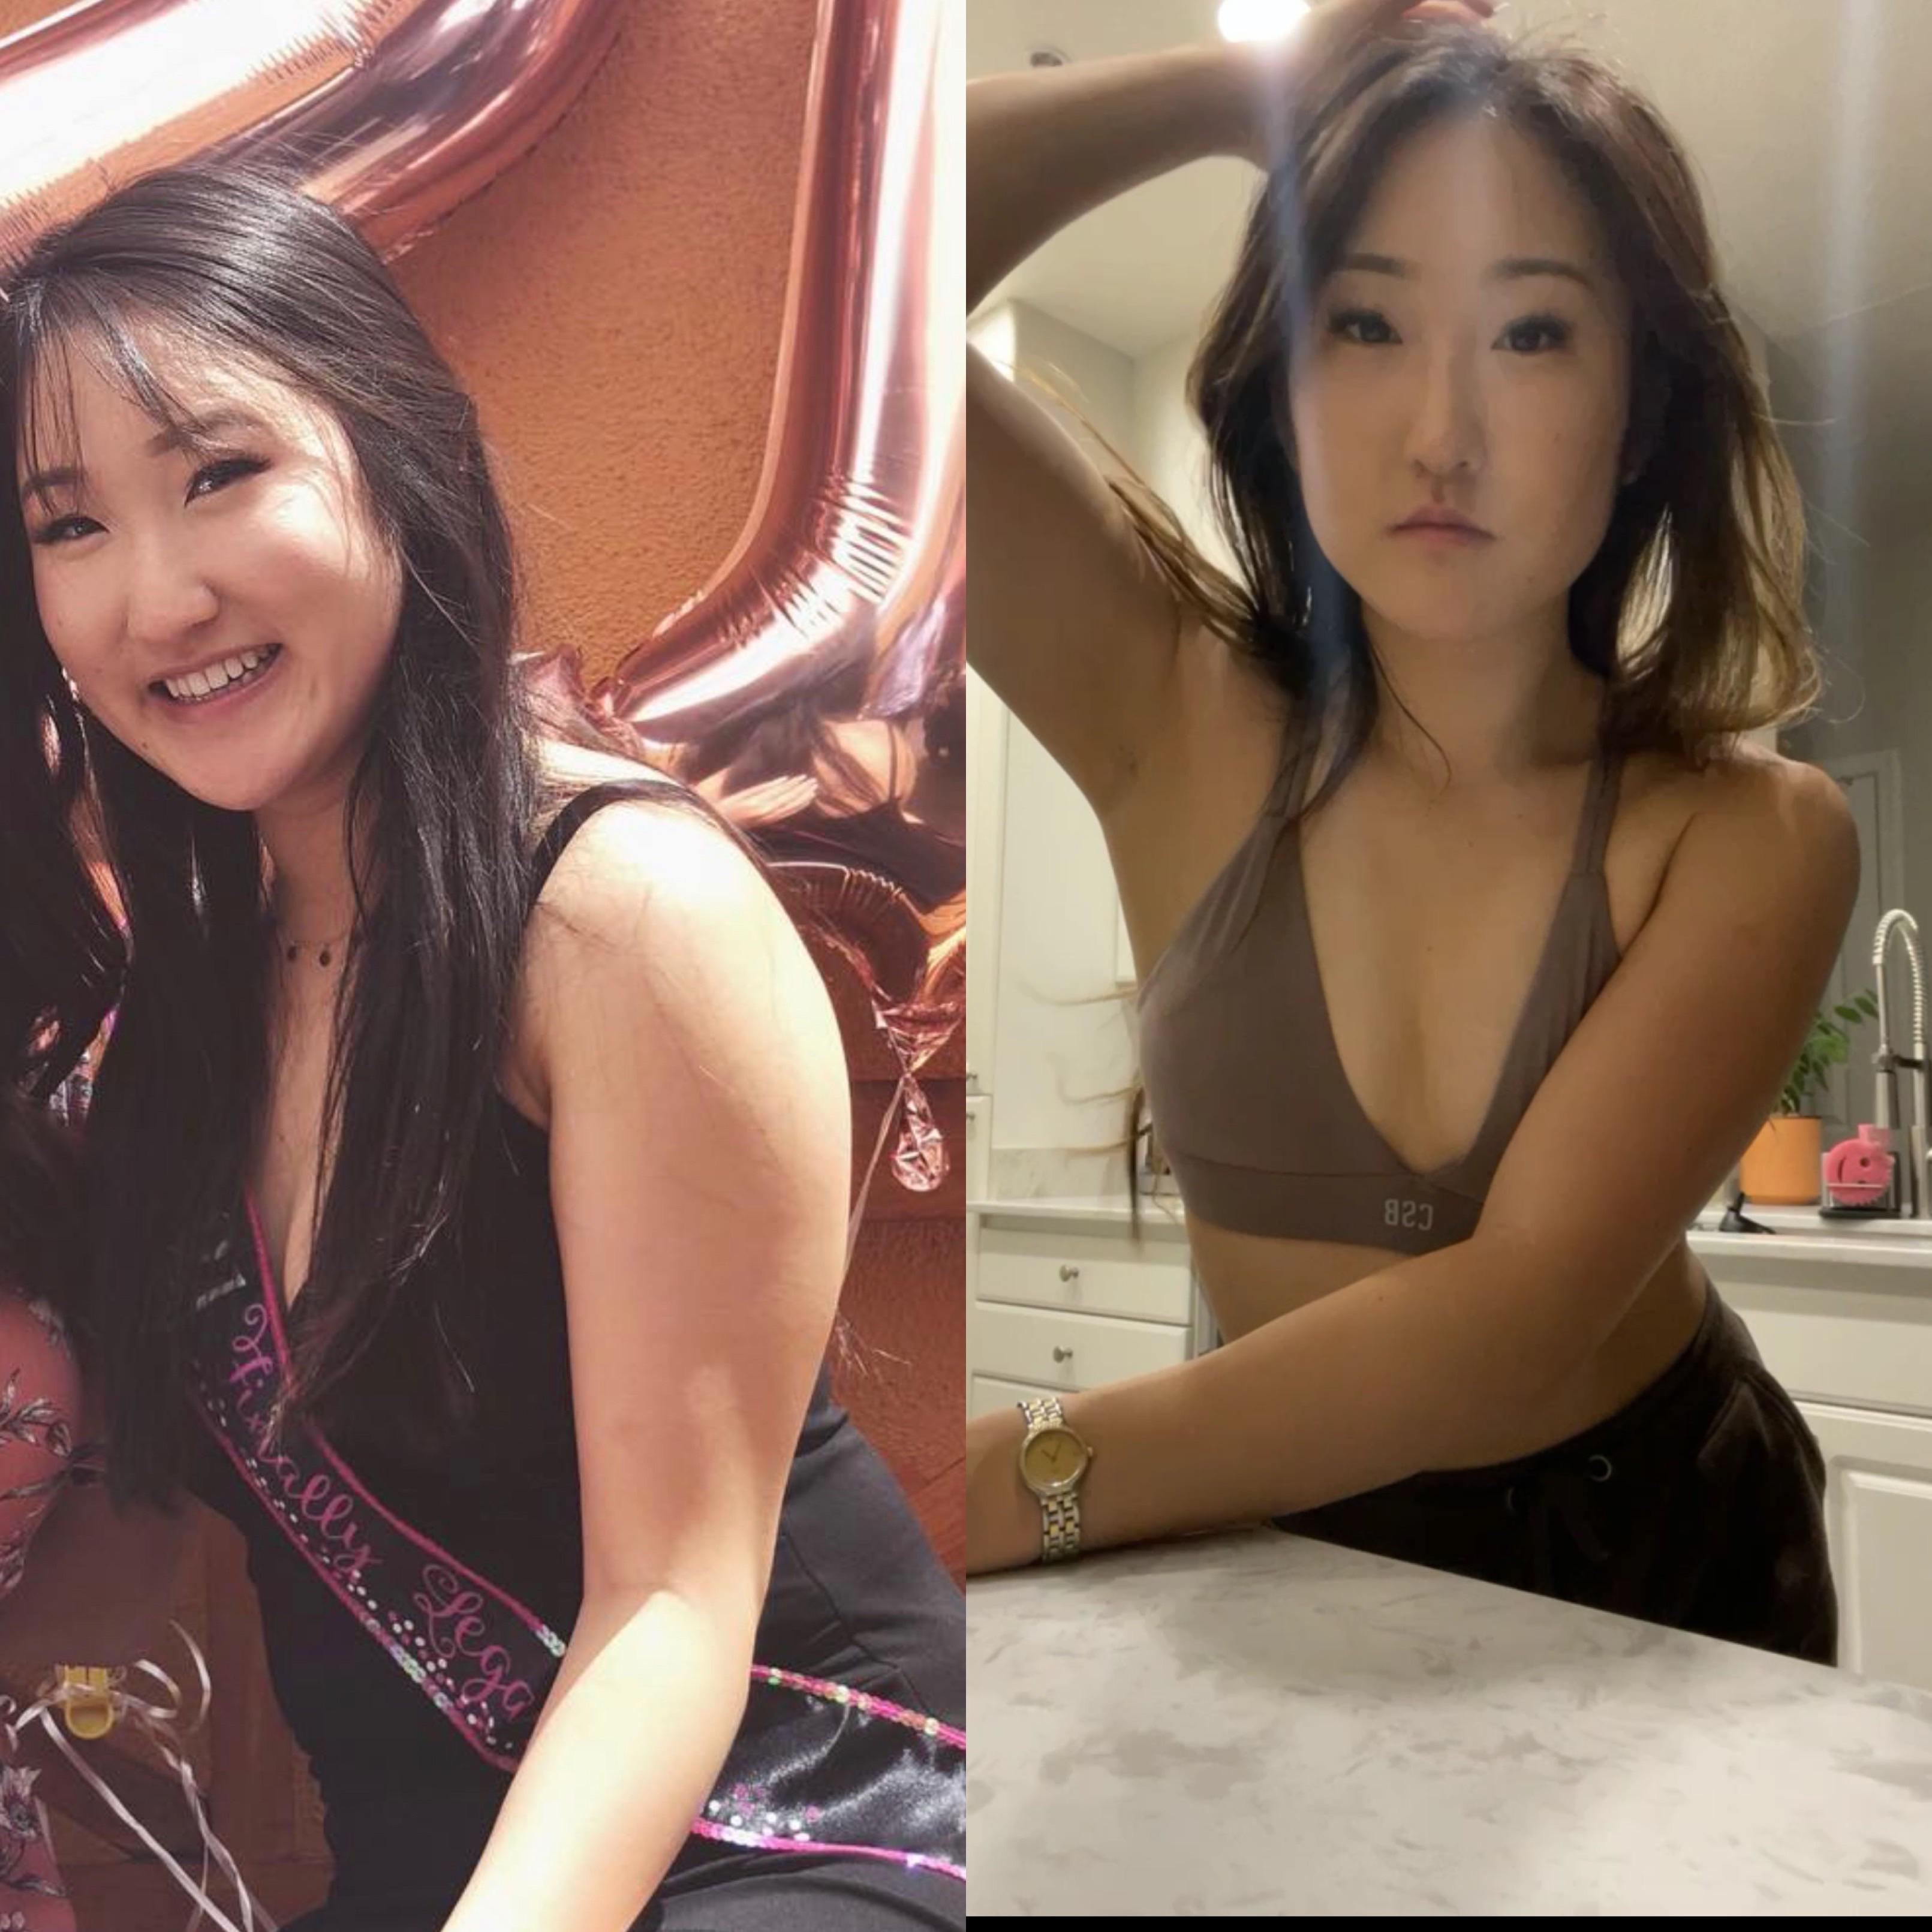 5'4 Female Progress Pics of 10 lbs Fat Loss 125 lbs to 115 lbs